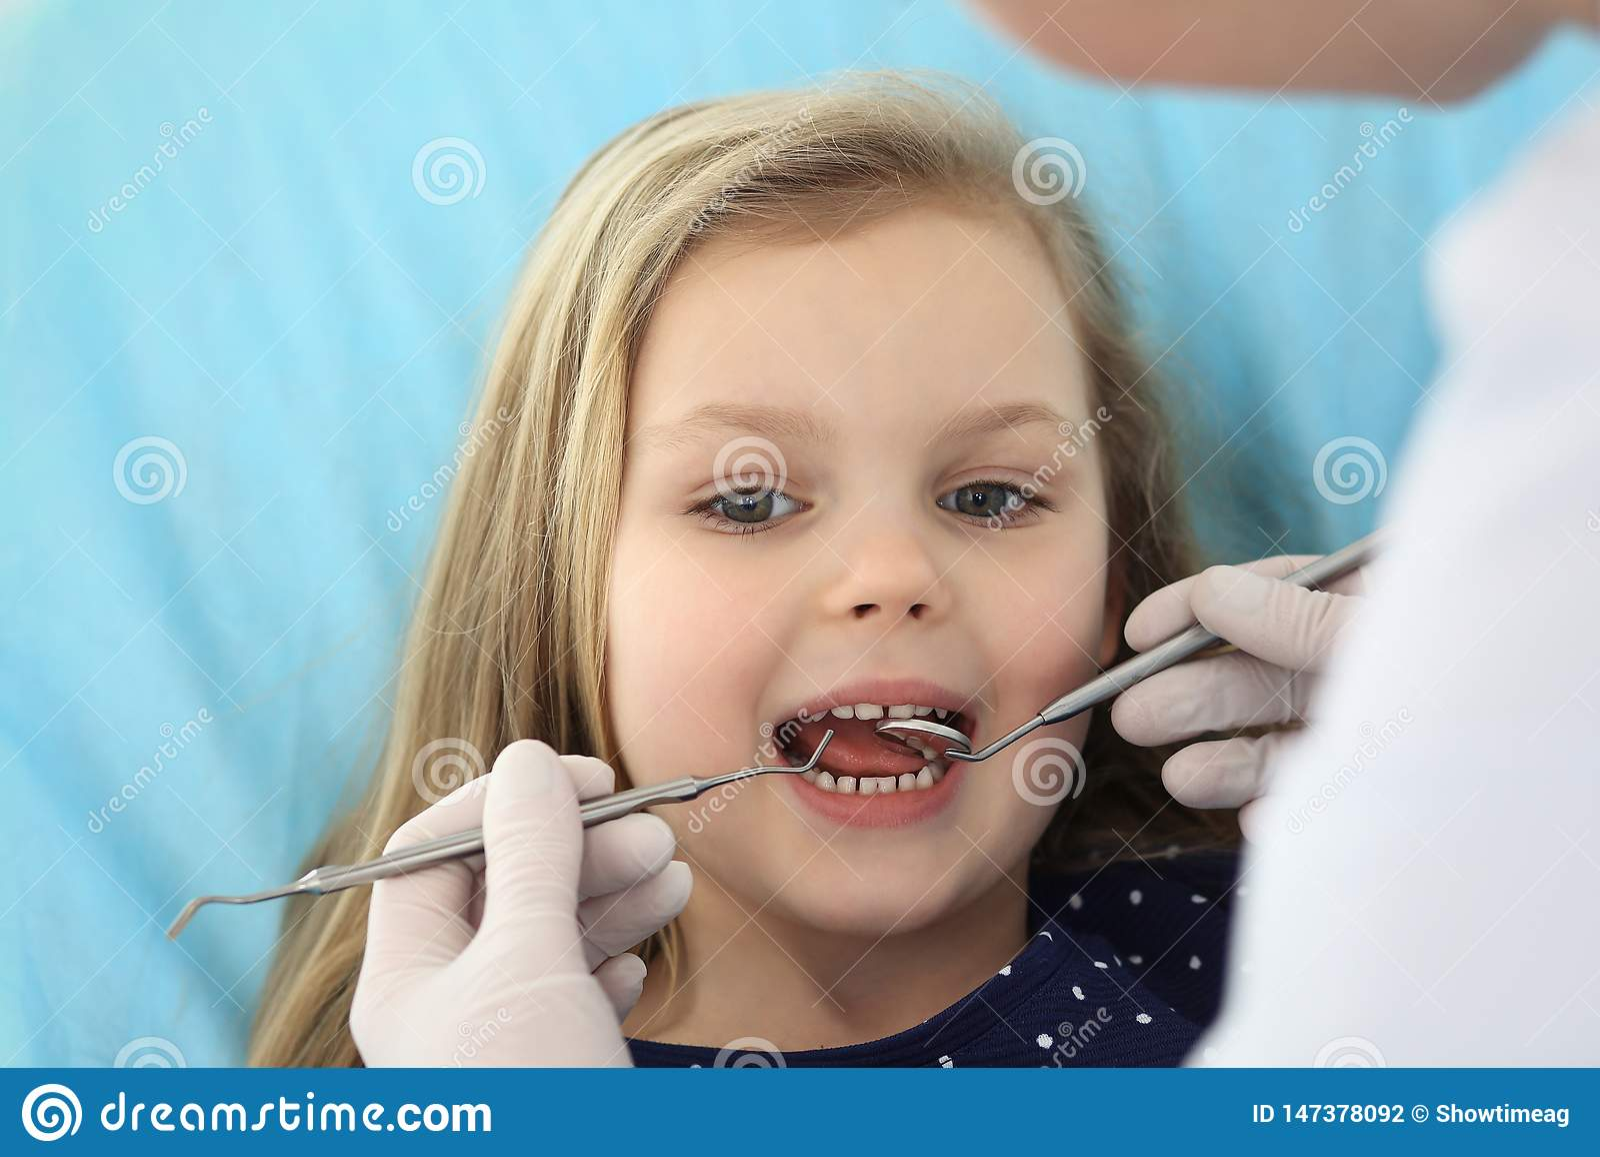 Petit b?b? s asseyant ? la chaise dentaire avec la bouche ouverte et crainte se sentante pendant le contr?le oral vers le haut du